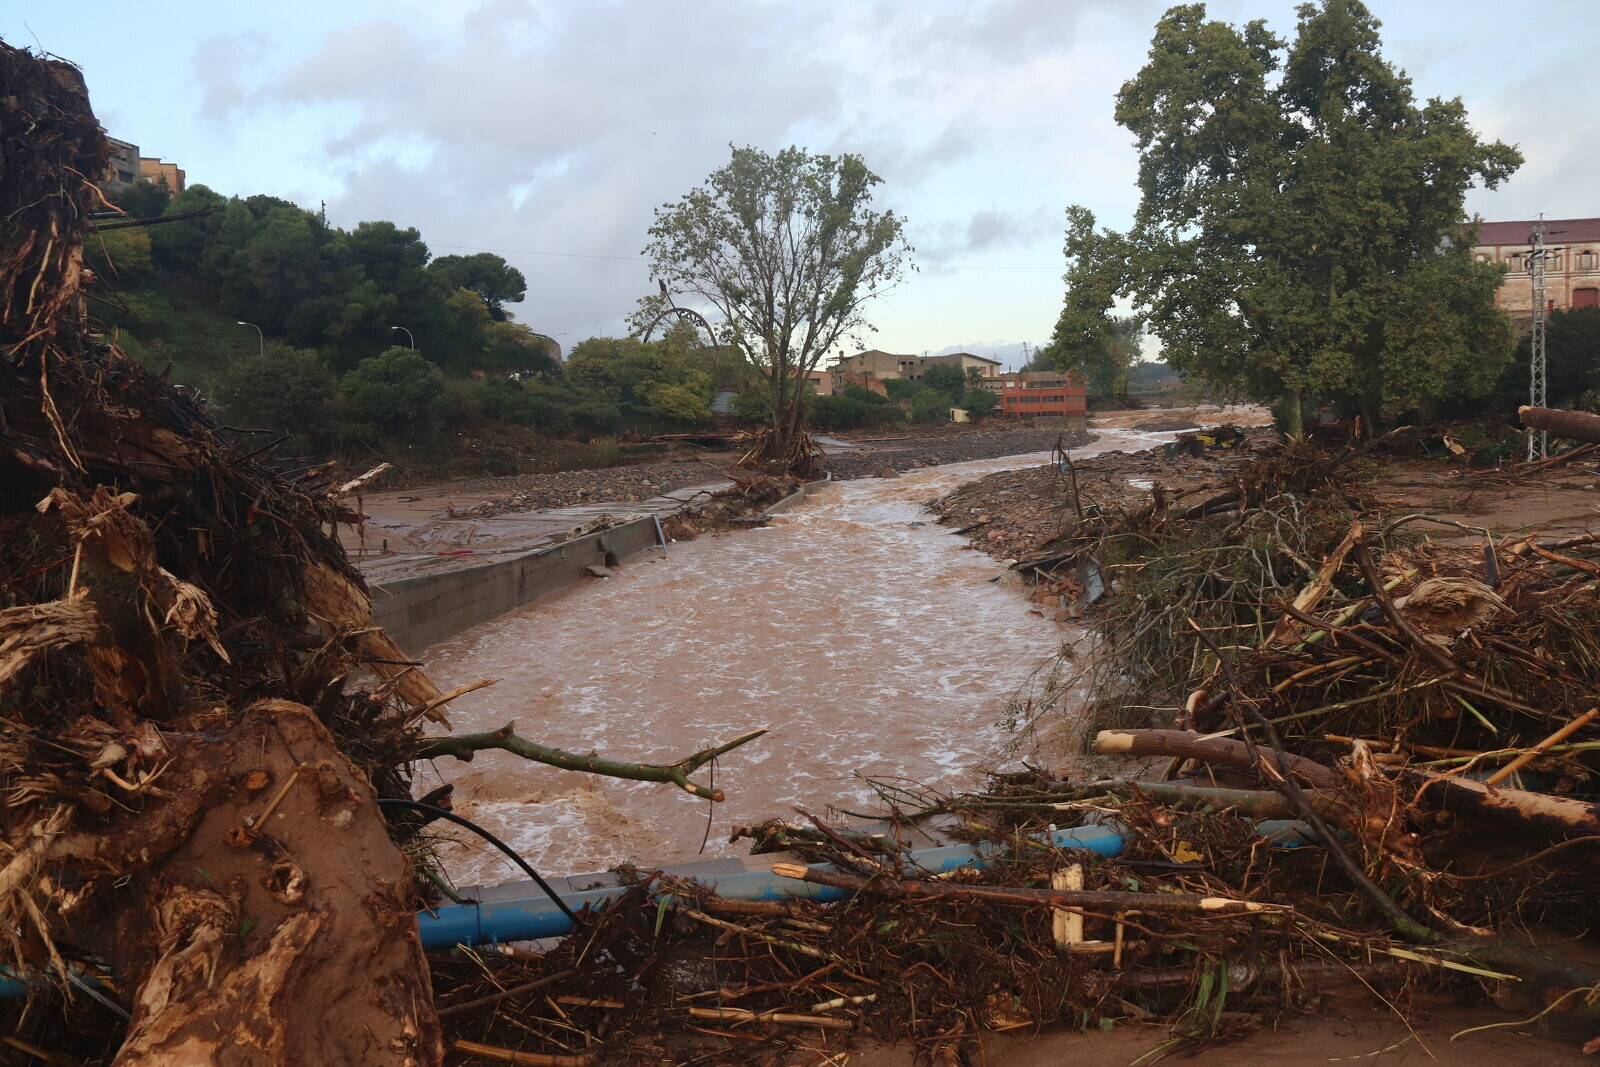 L'Espluga de Francolí ha estat un dels municipis més afectat per la crescuda del riu d'aquest dimarts